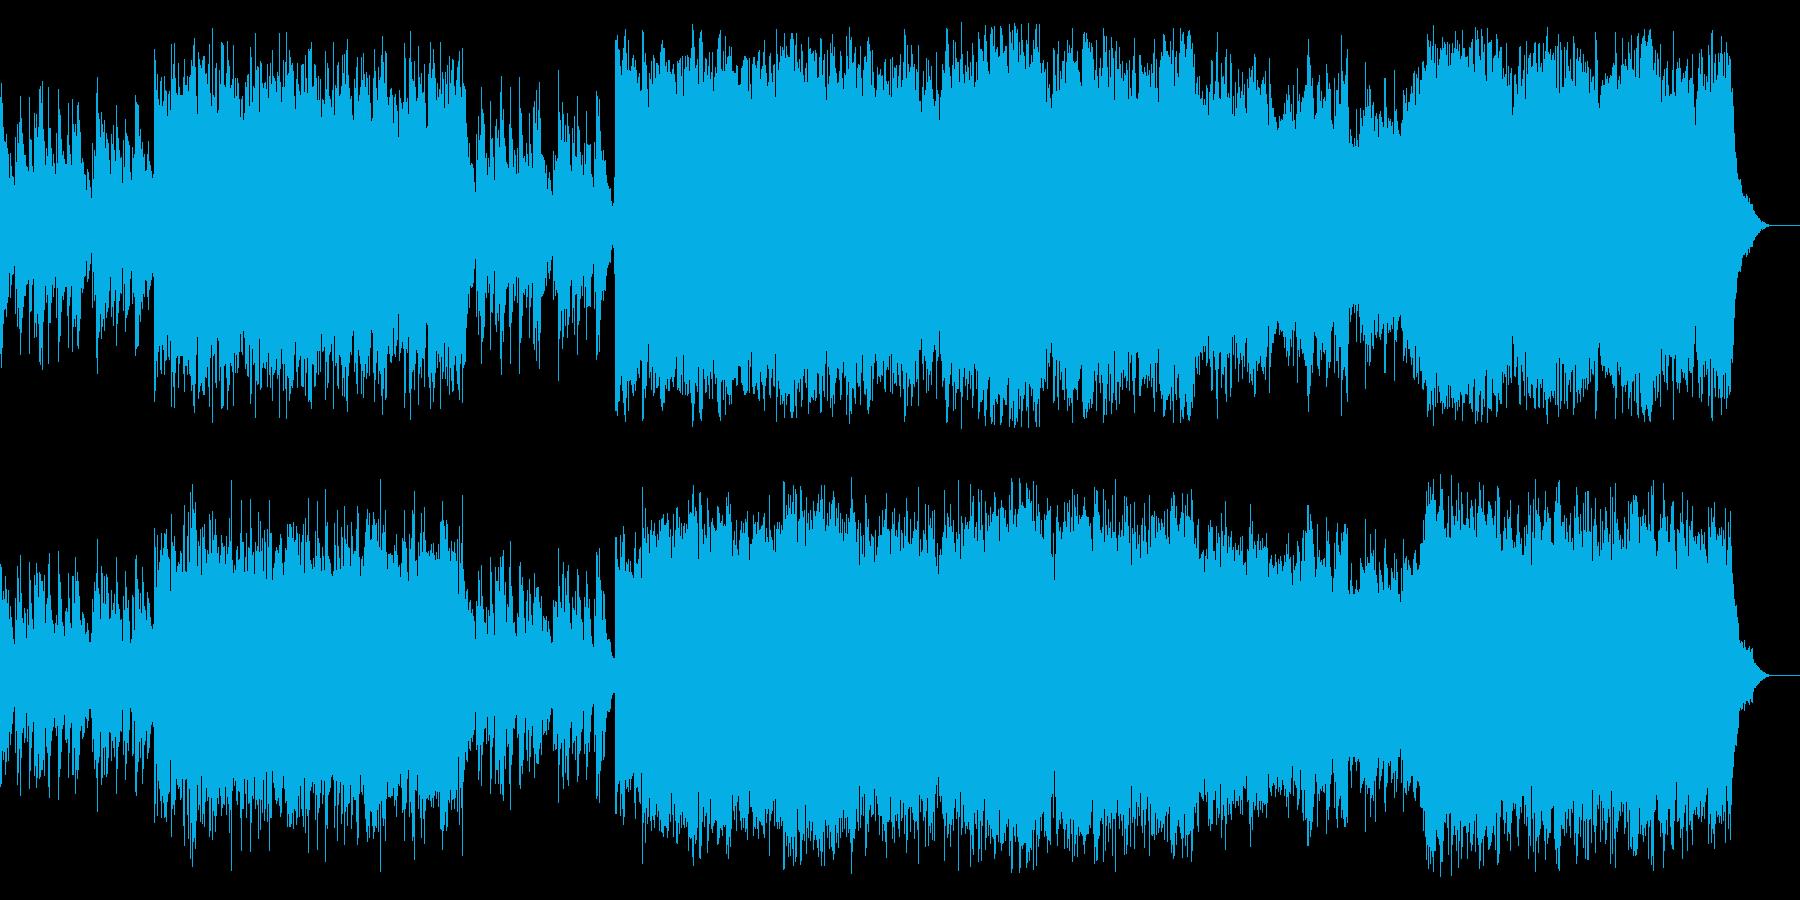 スケール感 格調 エンディング タイトルの再生済みの波形